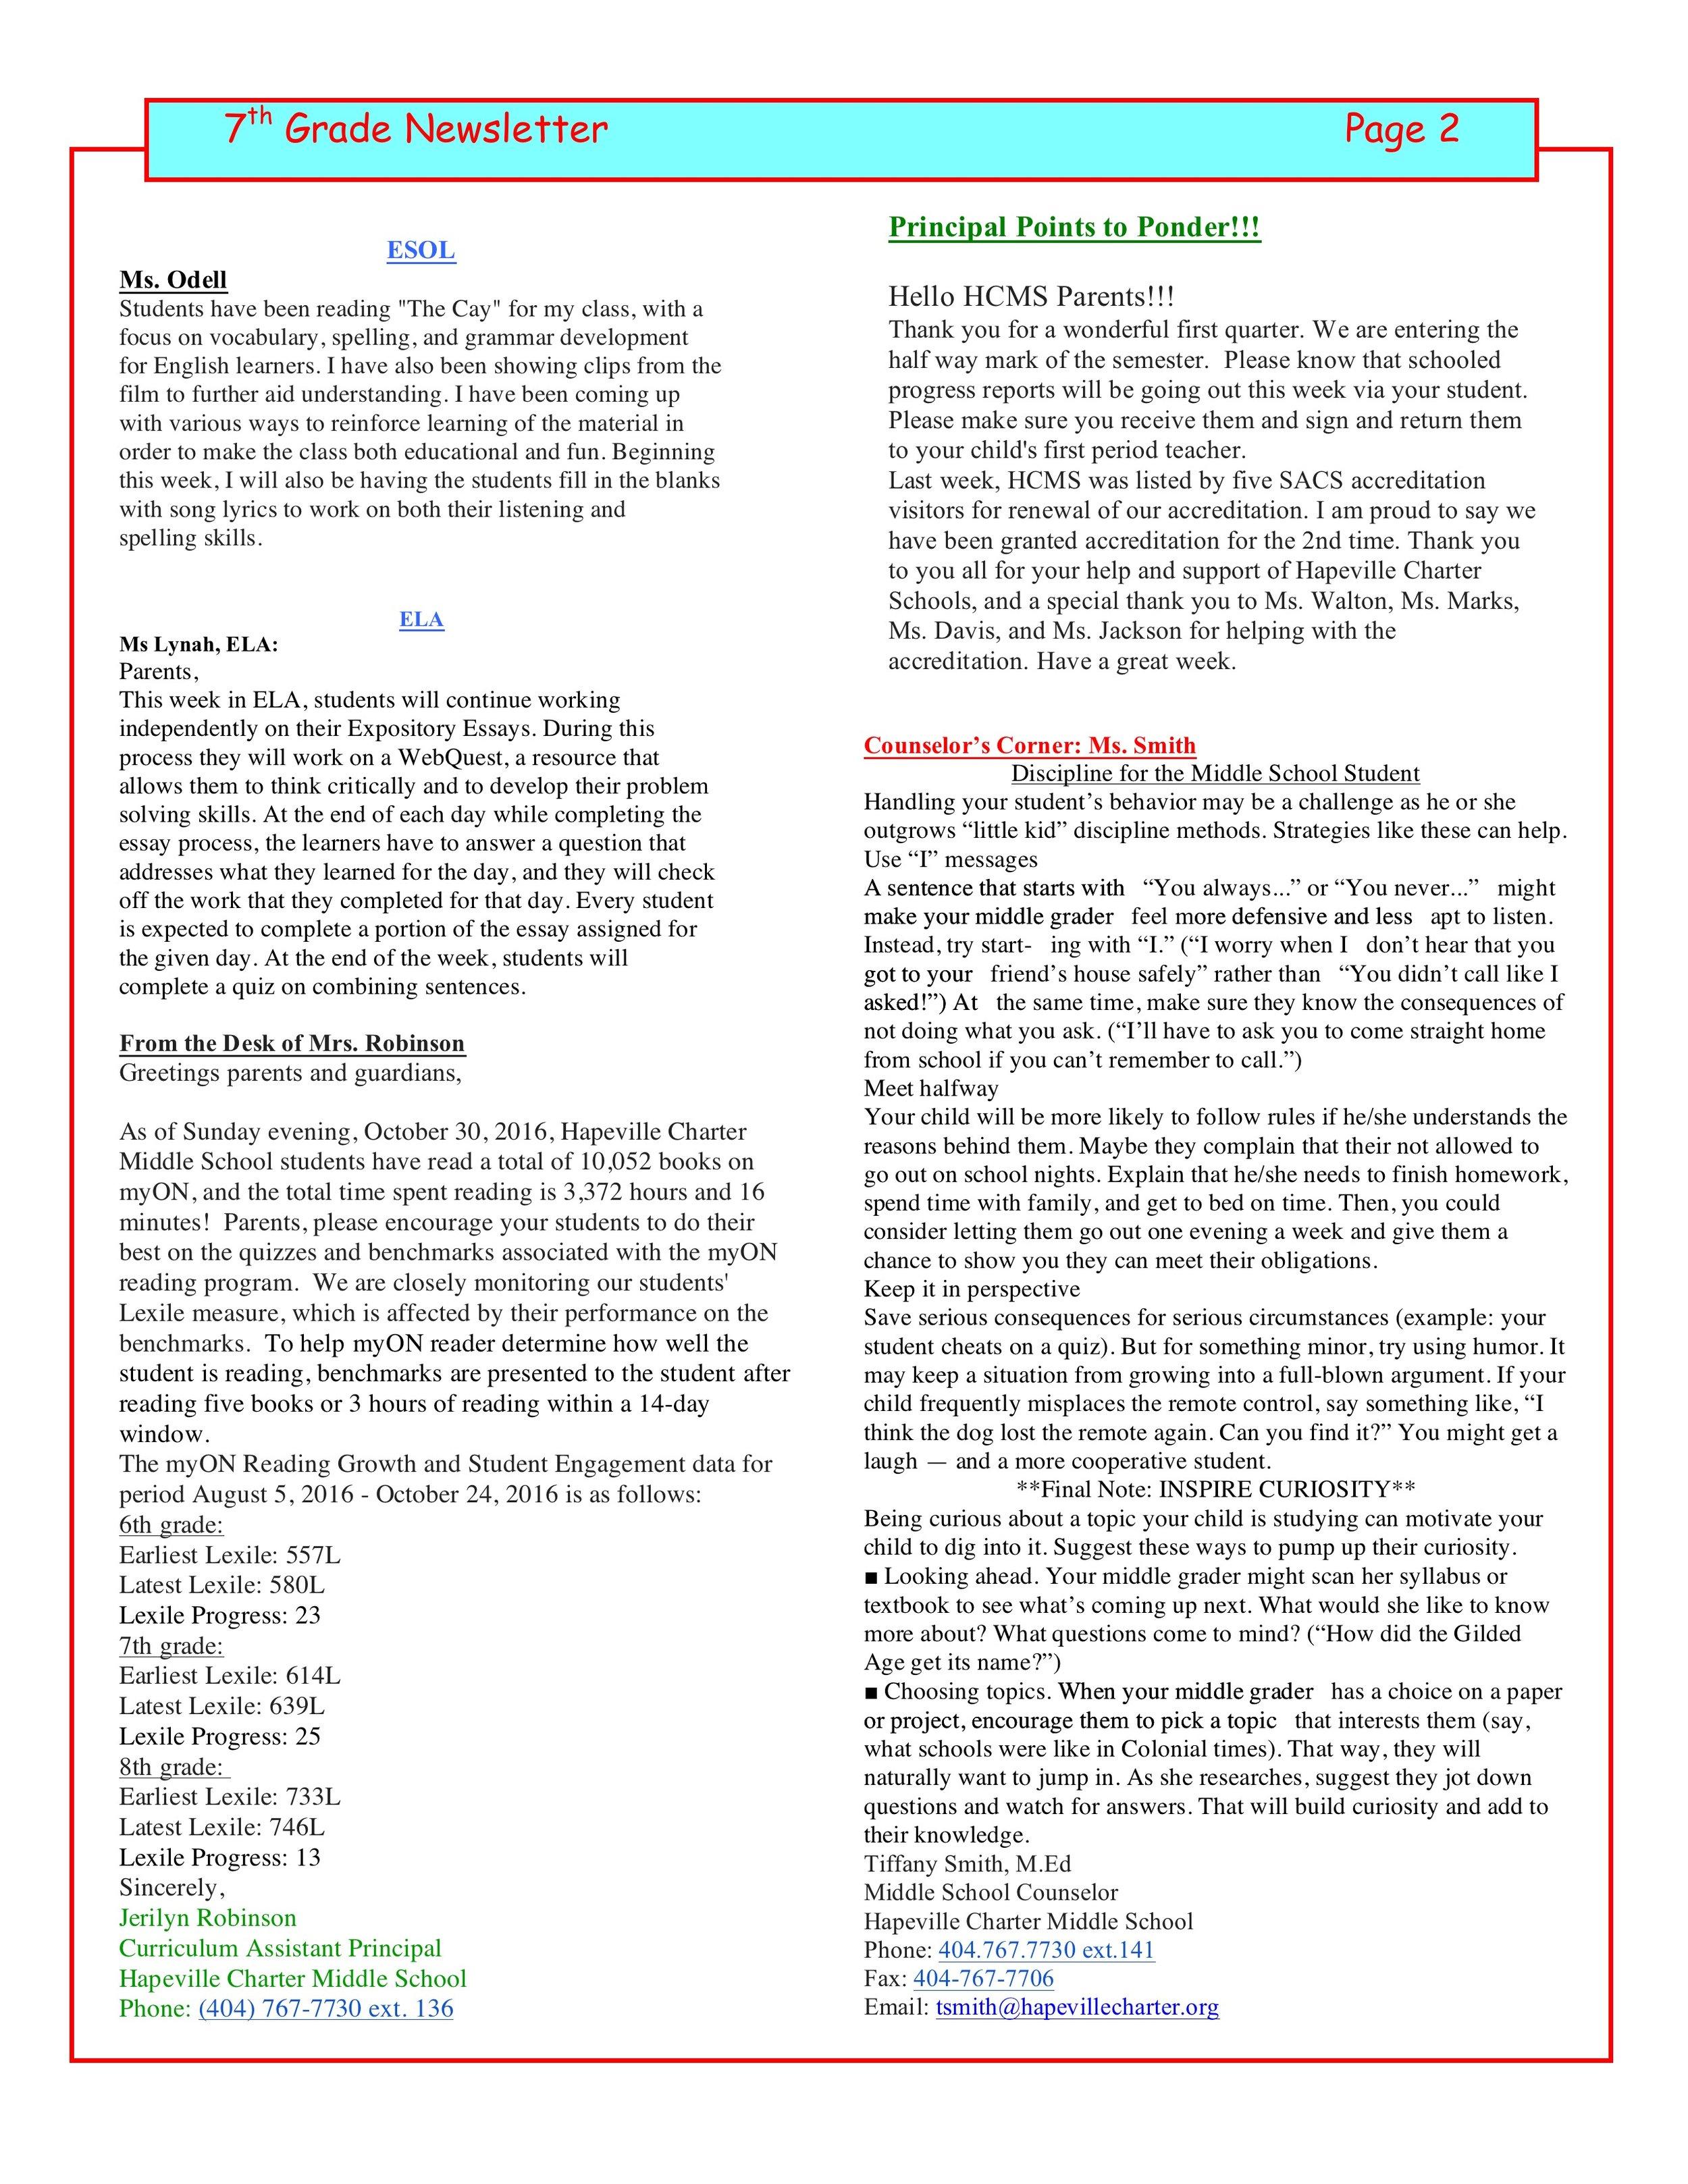 Newsletter Image7th Grade Newsletter 10-31-2016 2.jpeg